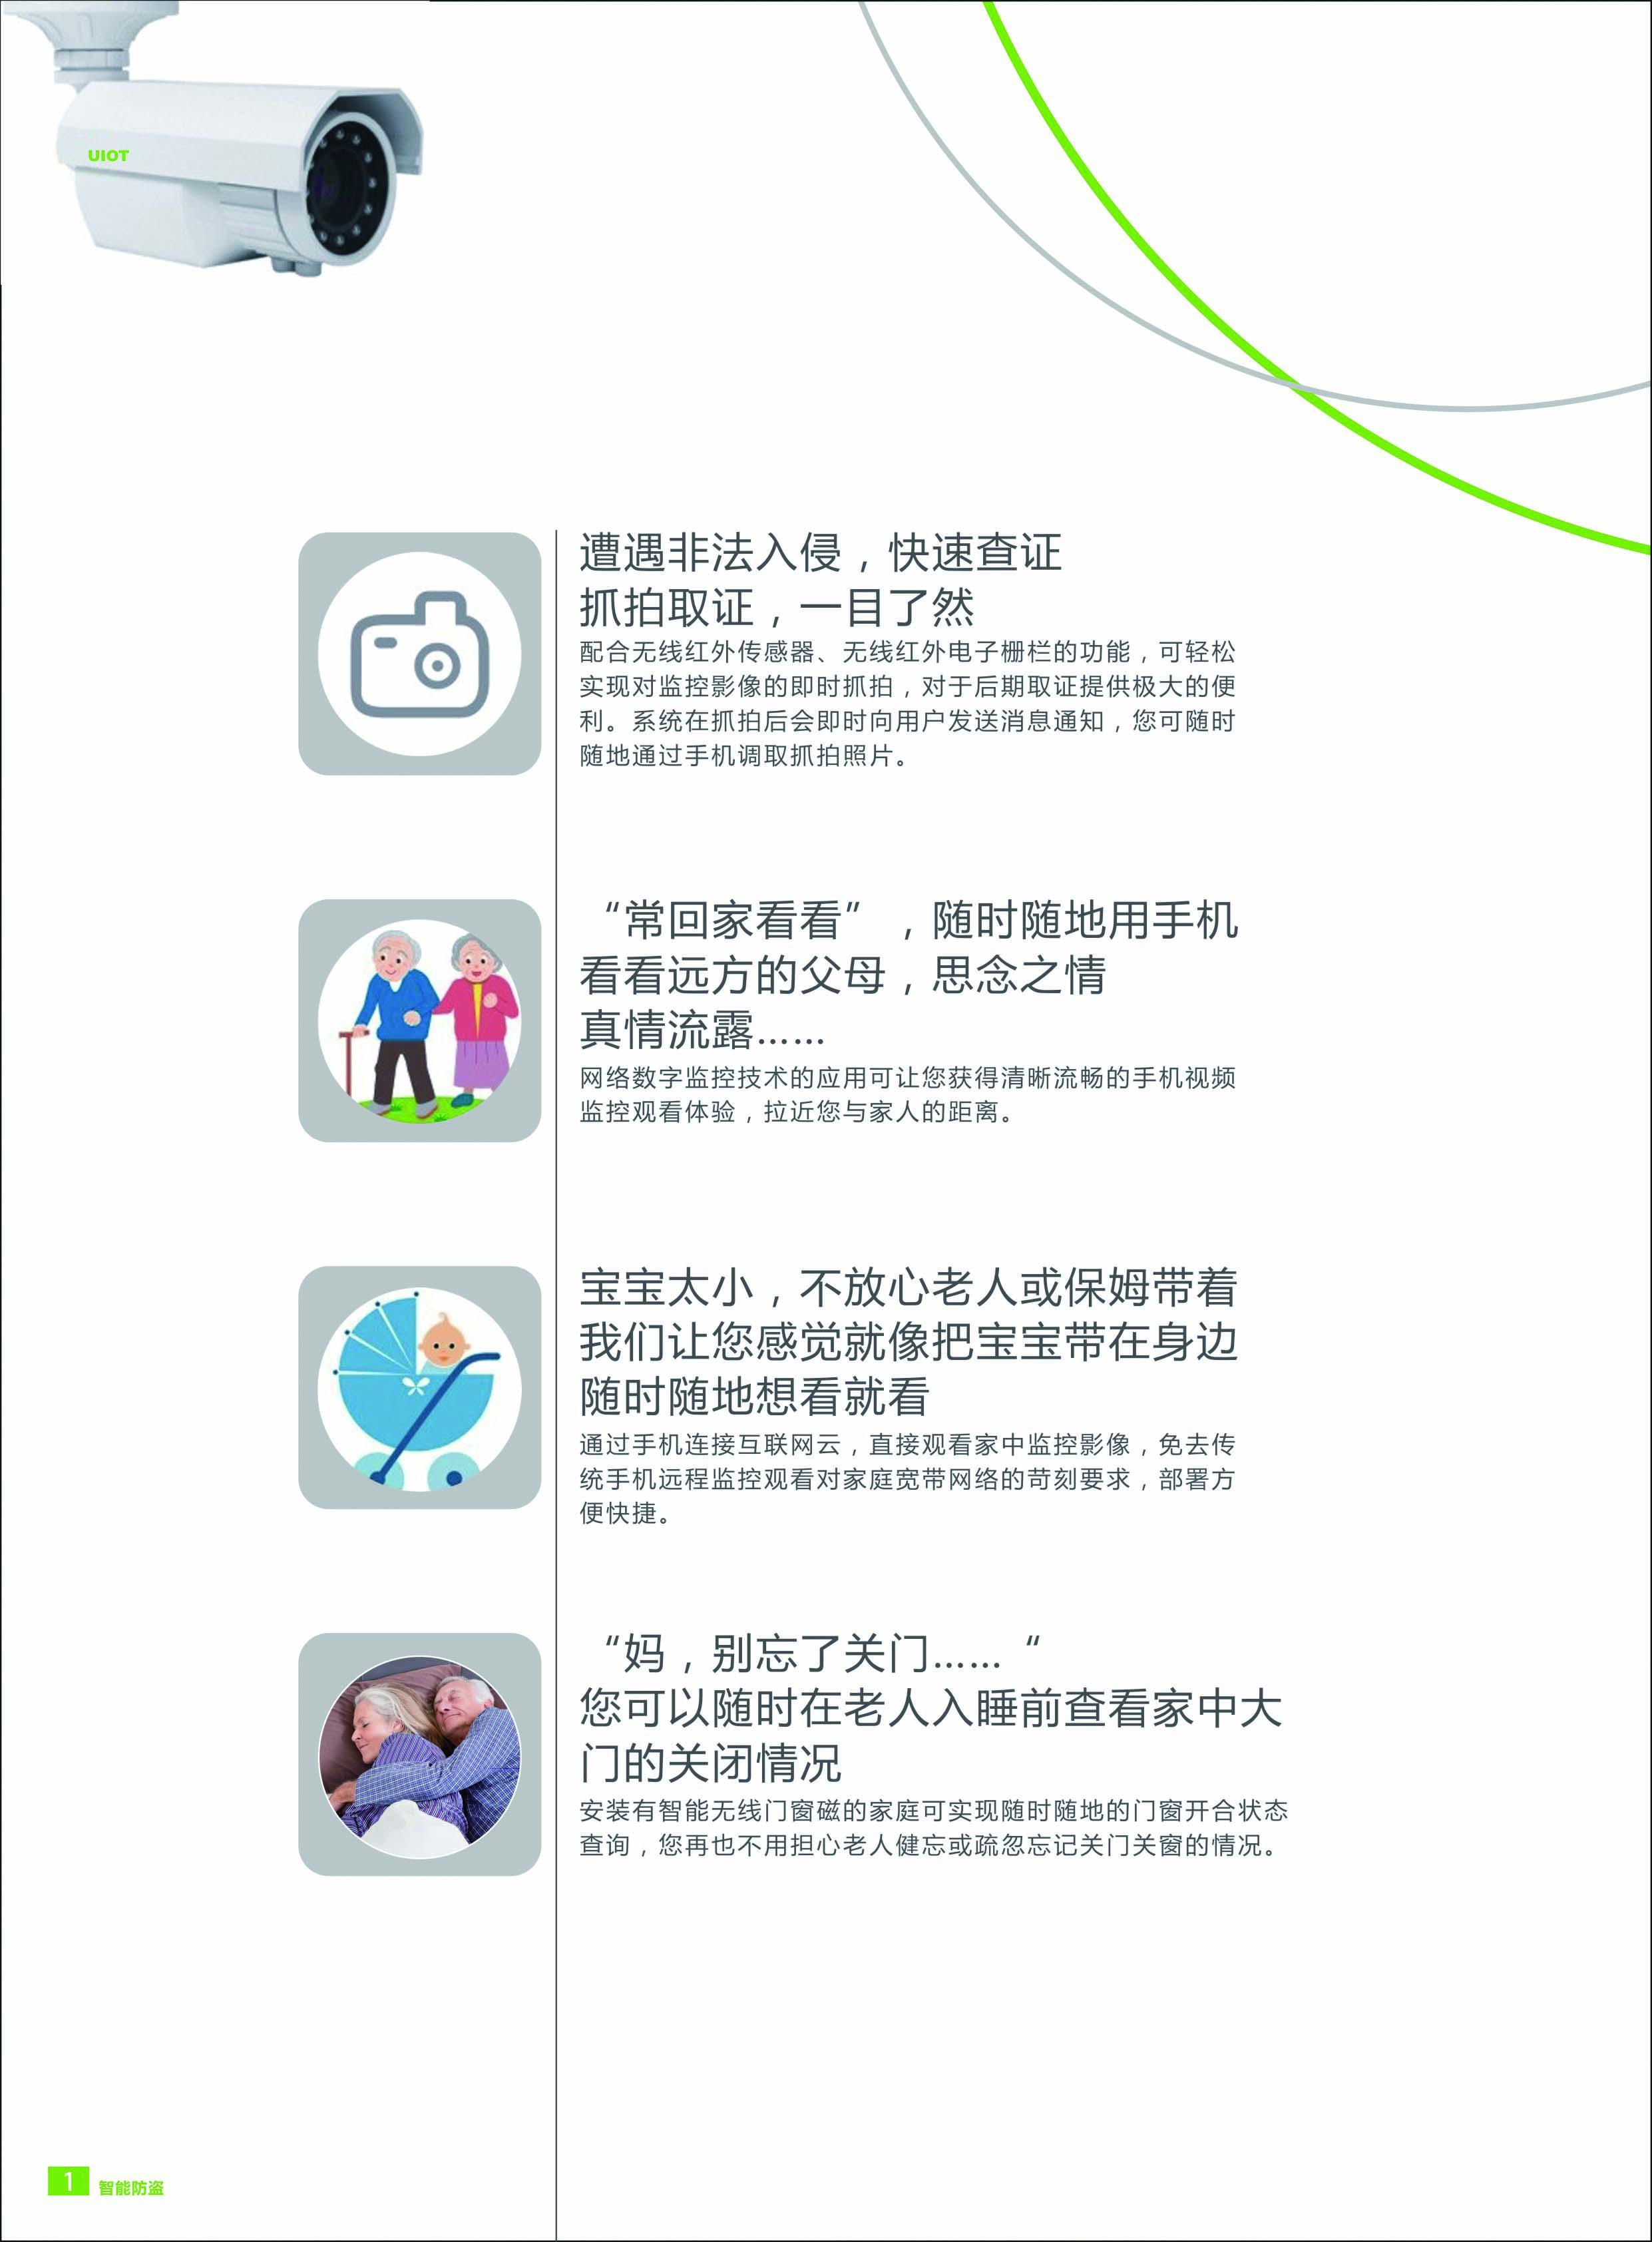 紫光物联功能手册-1.jpg